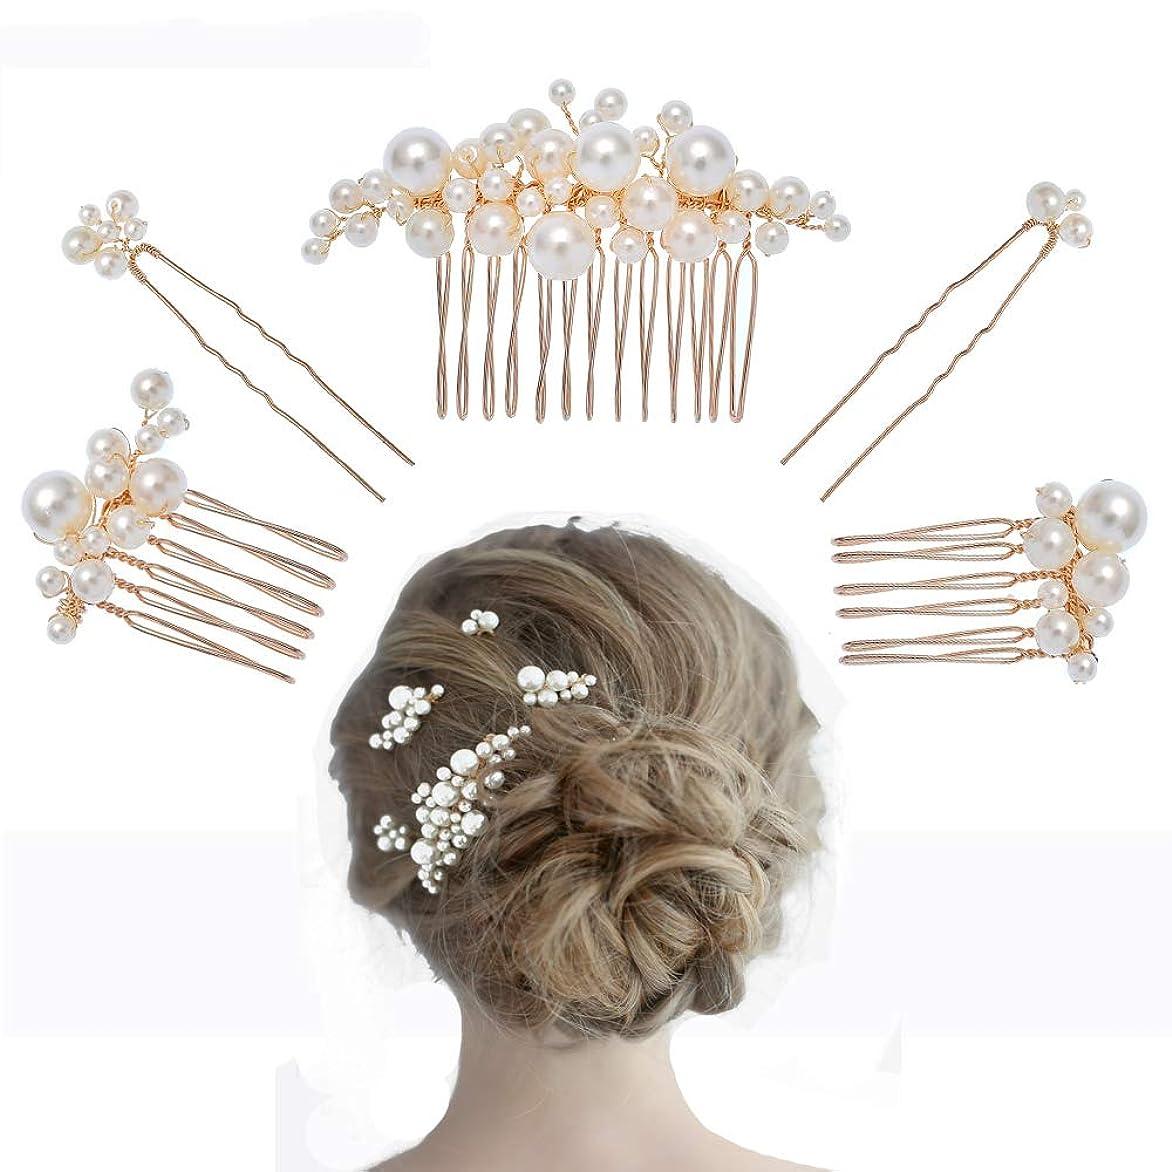 調停する感染する性交SPOKKI パール 髪飾り ヘアアクセサリーヘアピン 3種類 5本セット ウェディング 結婚式 卒業式 発表会